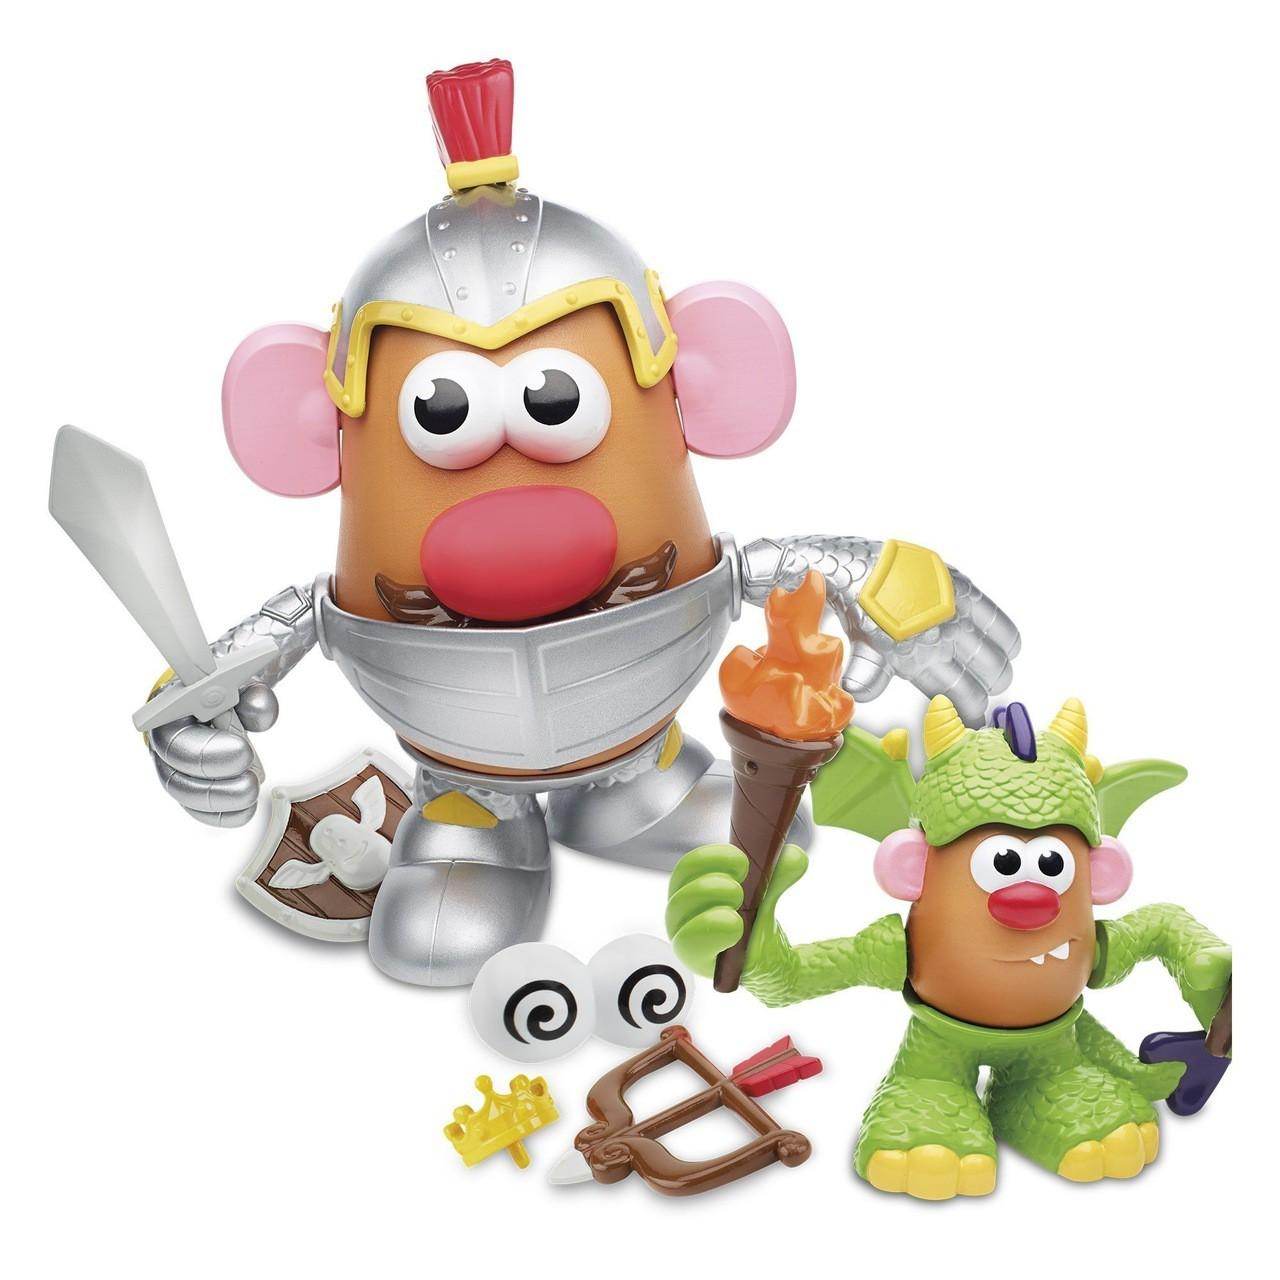 Toy Story - Boneco Sr Cabeça de Batata - Histórias Cavaleiro